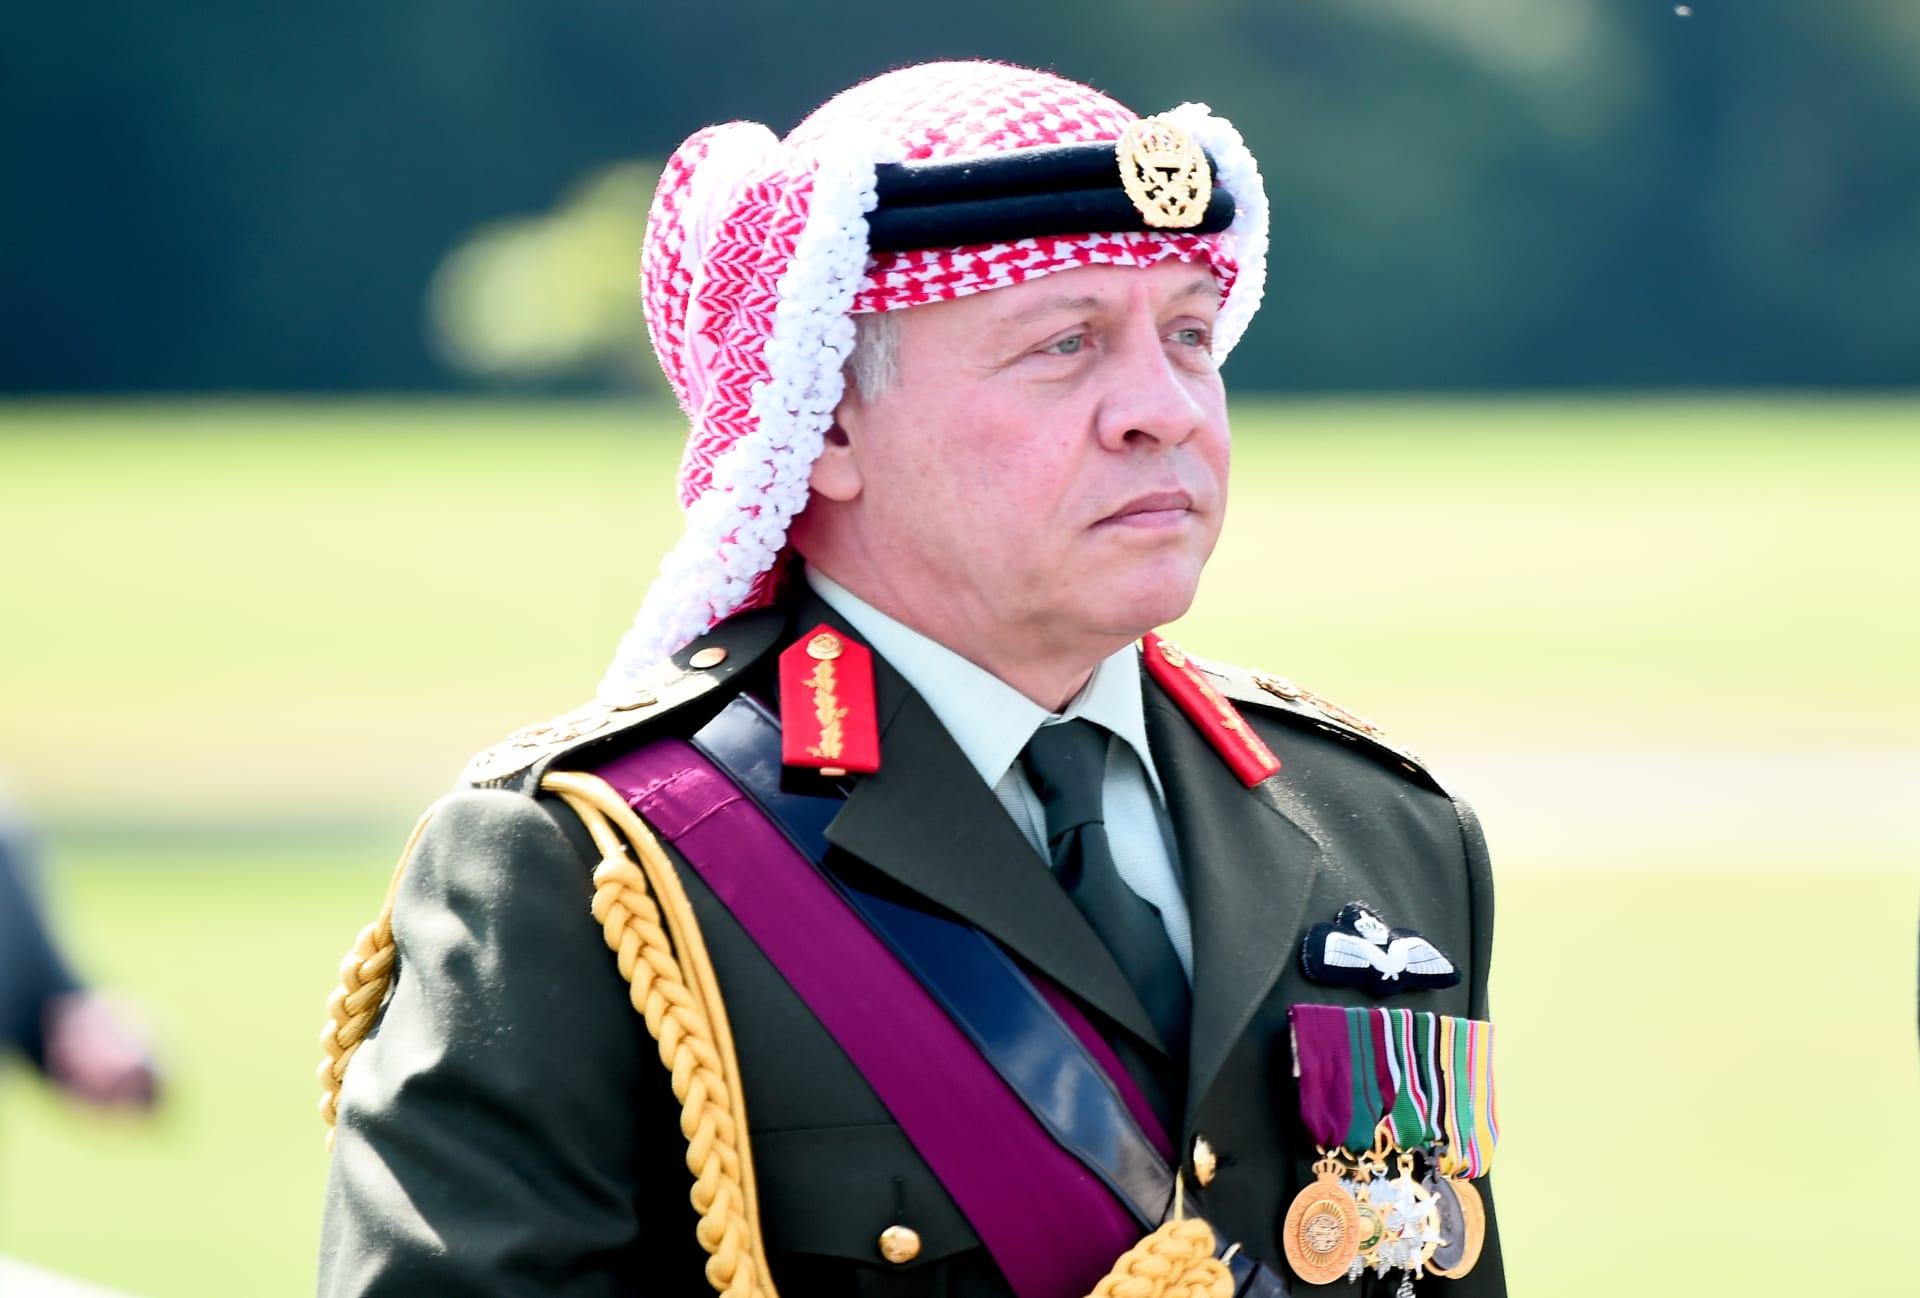 قادة الإمارات والسعودية يهنئون الملك عبدالله الثاني بمئوية تأسيس المملكة الأردنية الهاشمية